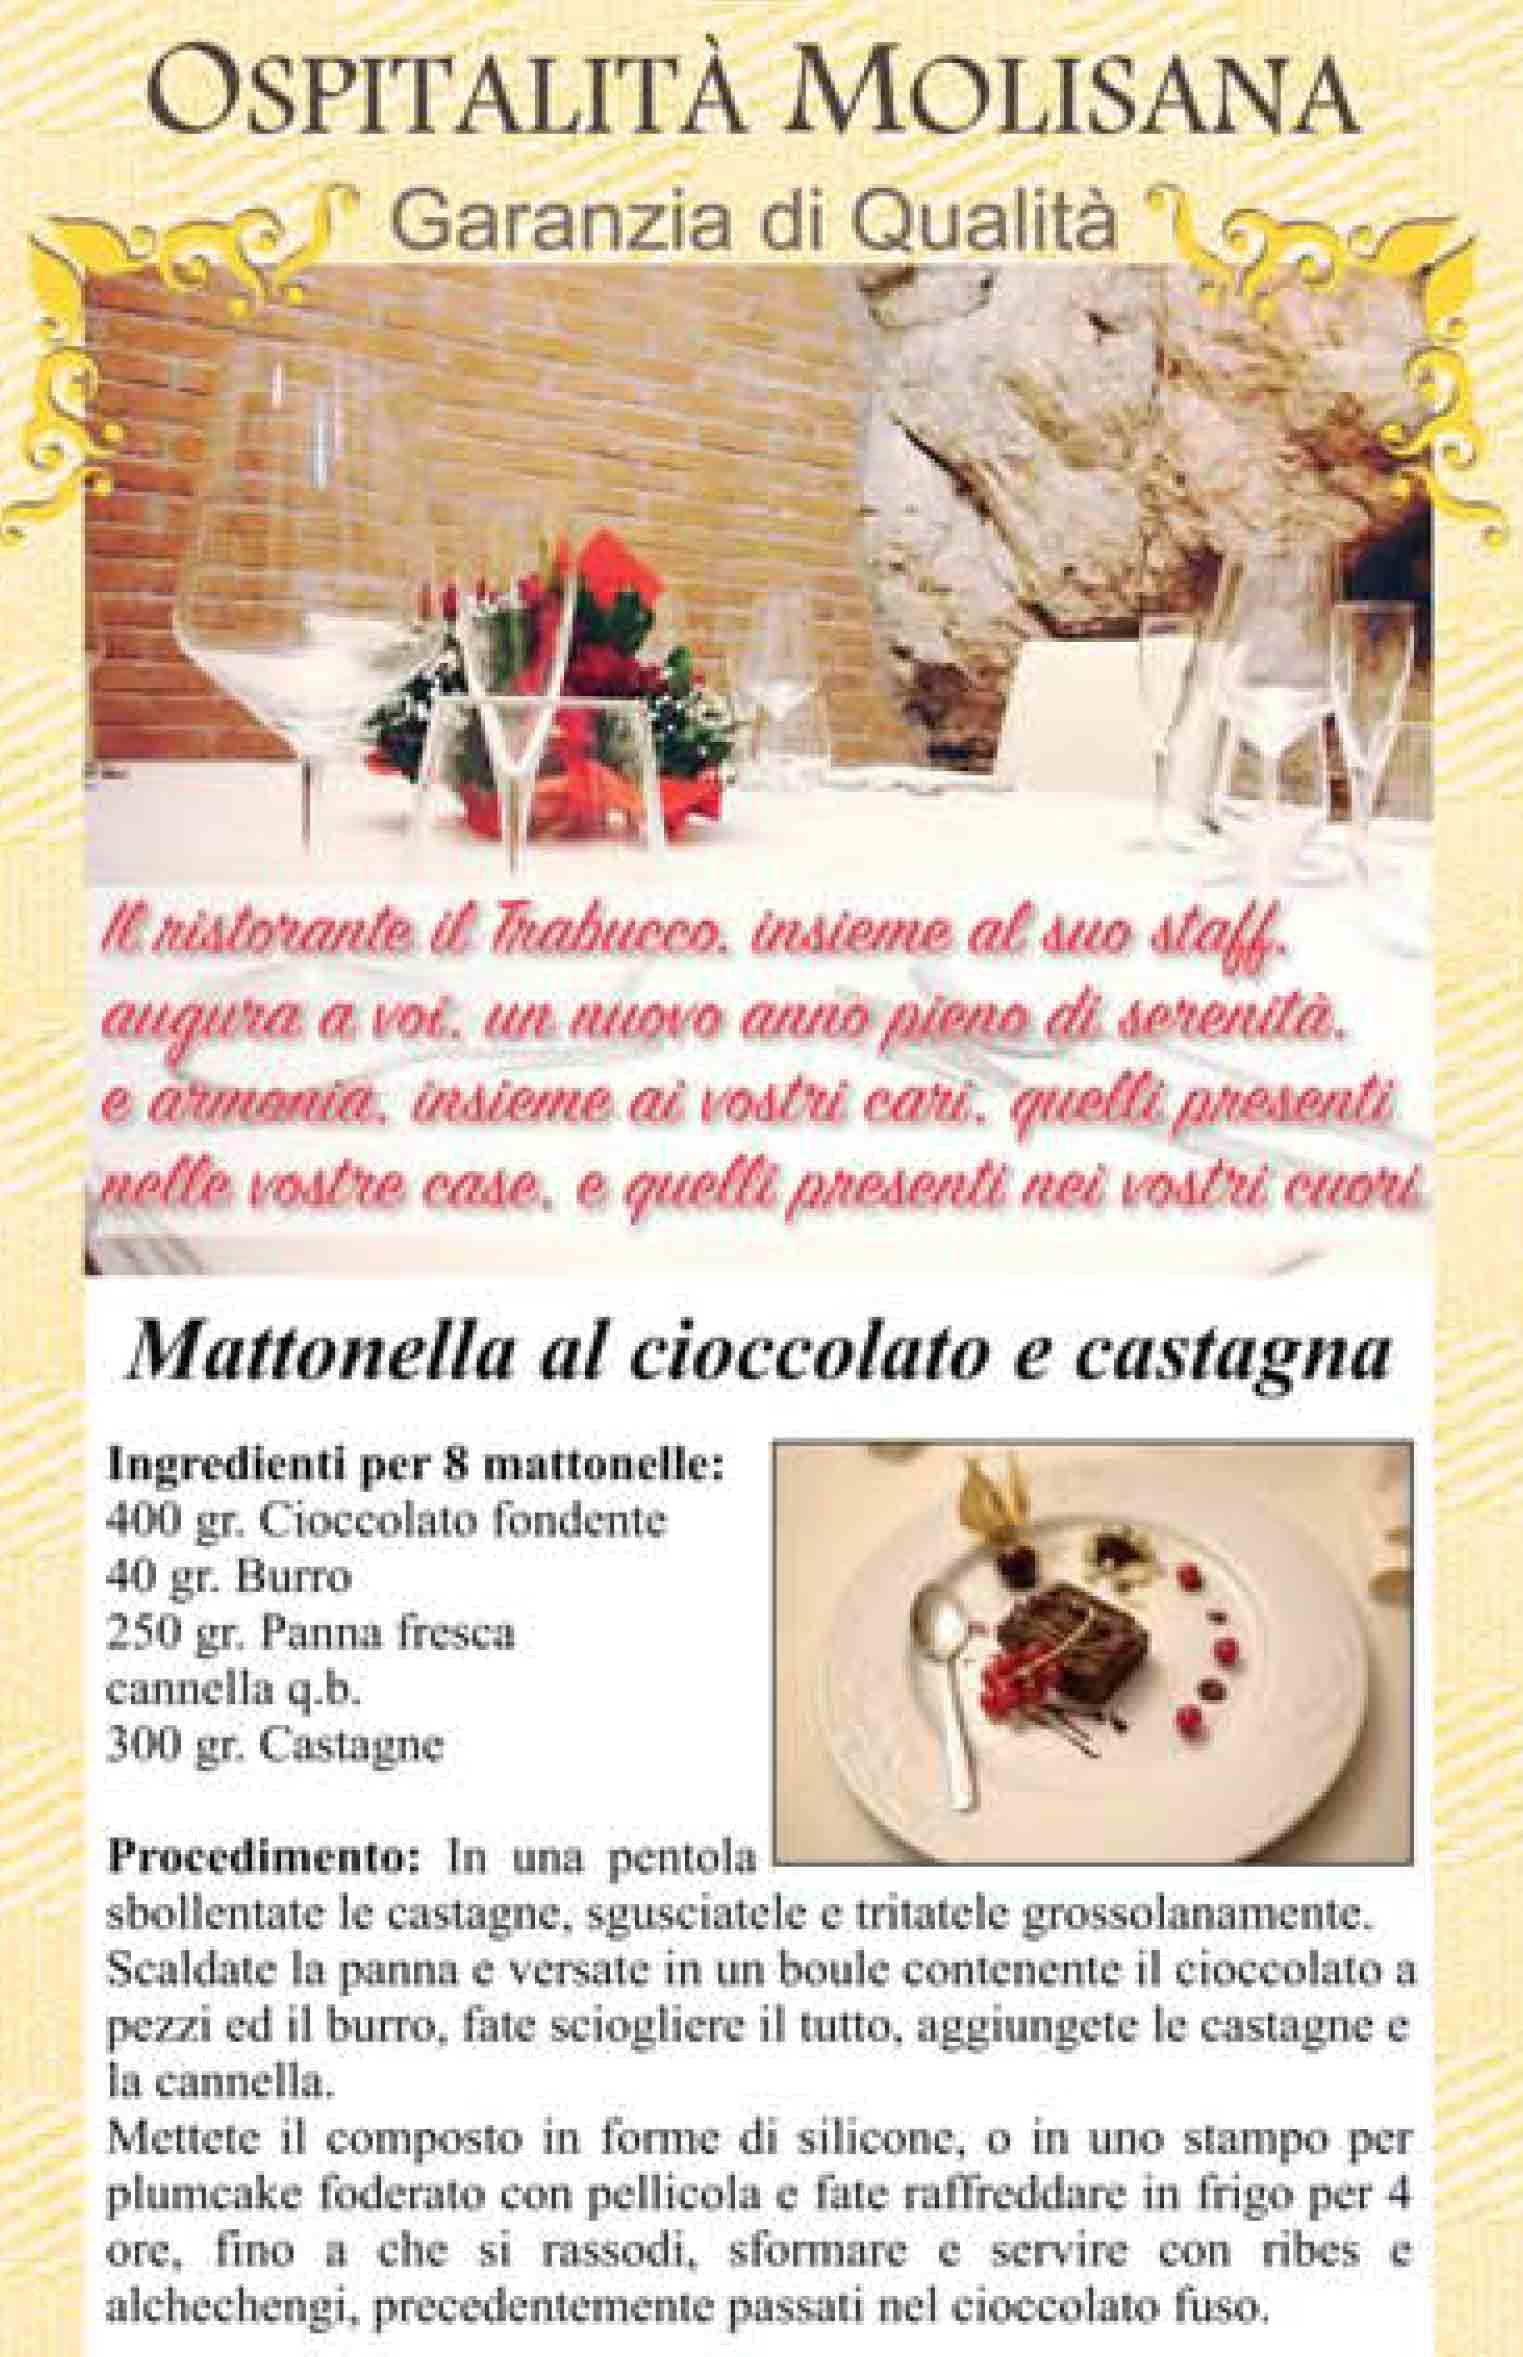 OSPITALITA' MOLISANA – Mattonella al cioccolato e castagna